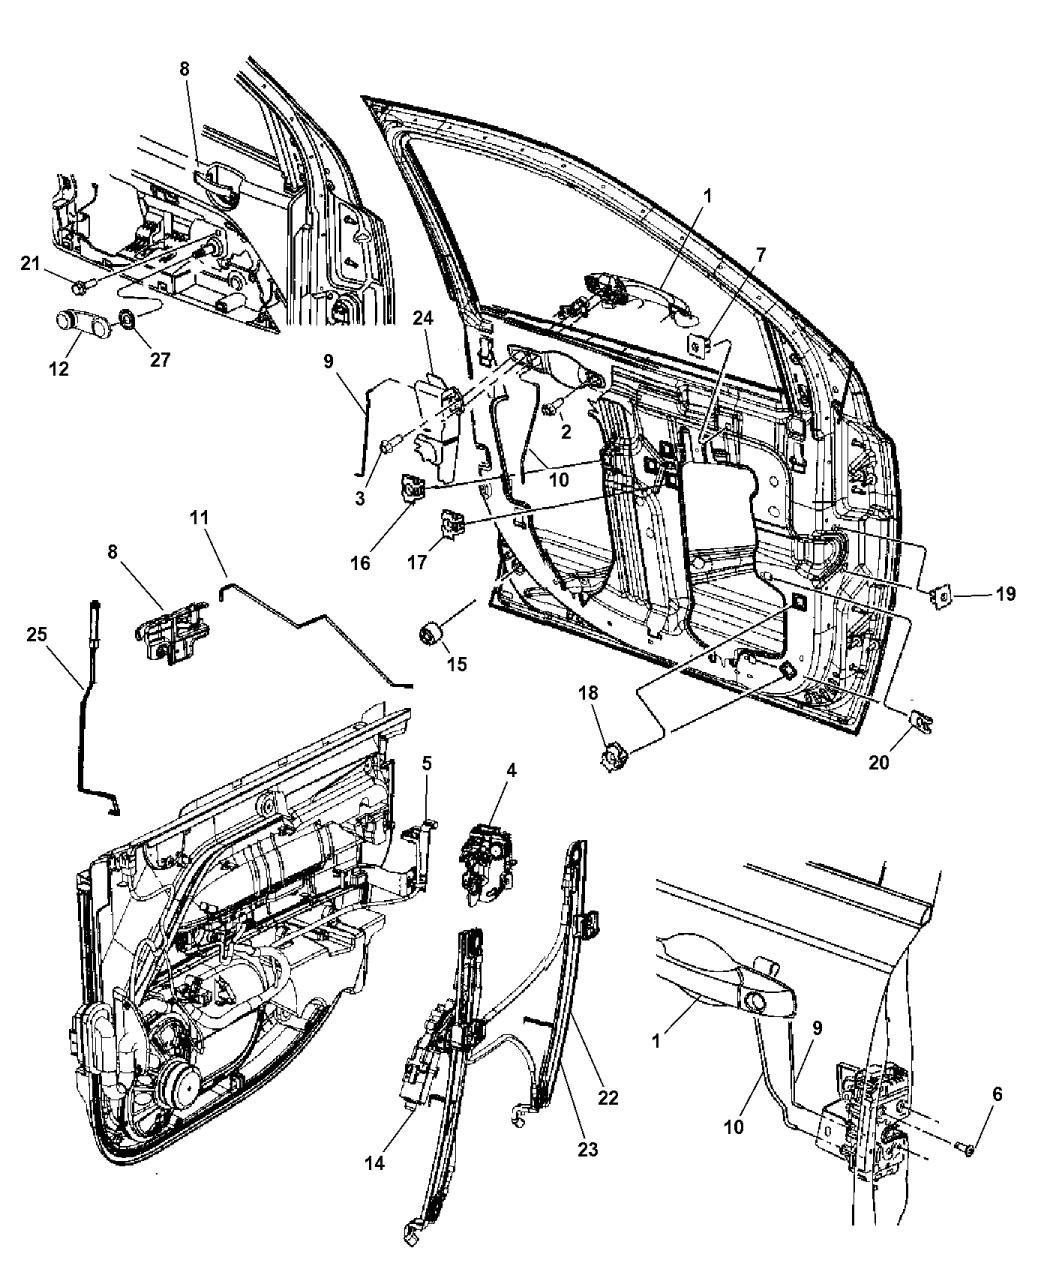 2017 Jeep Compass Front Door, Hardware Components